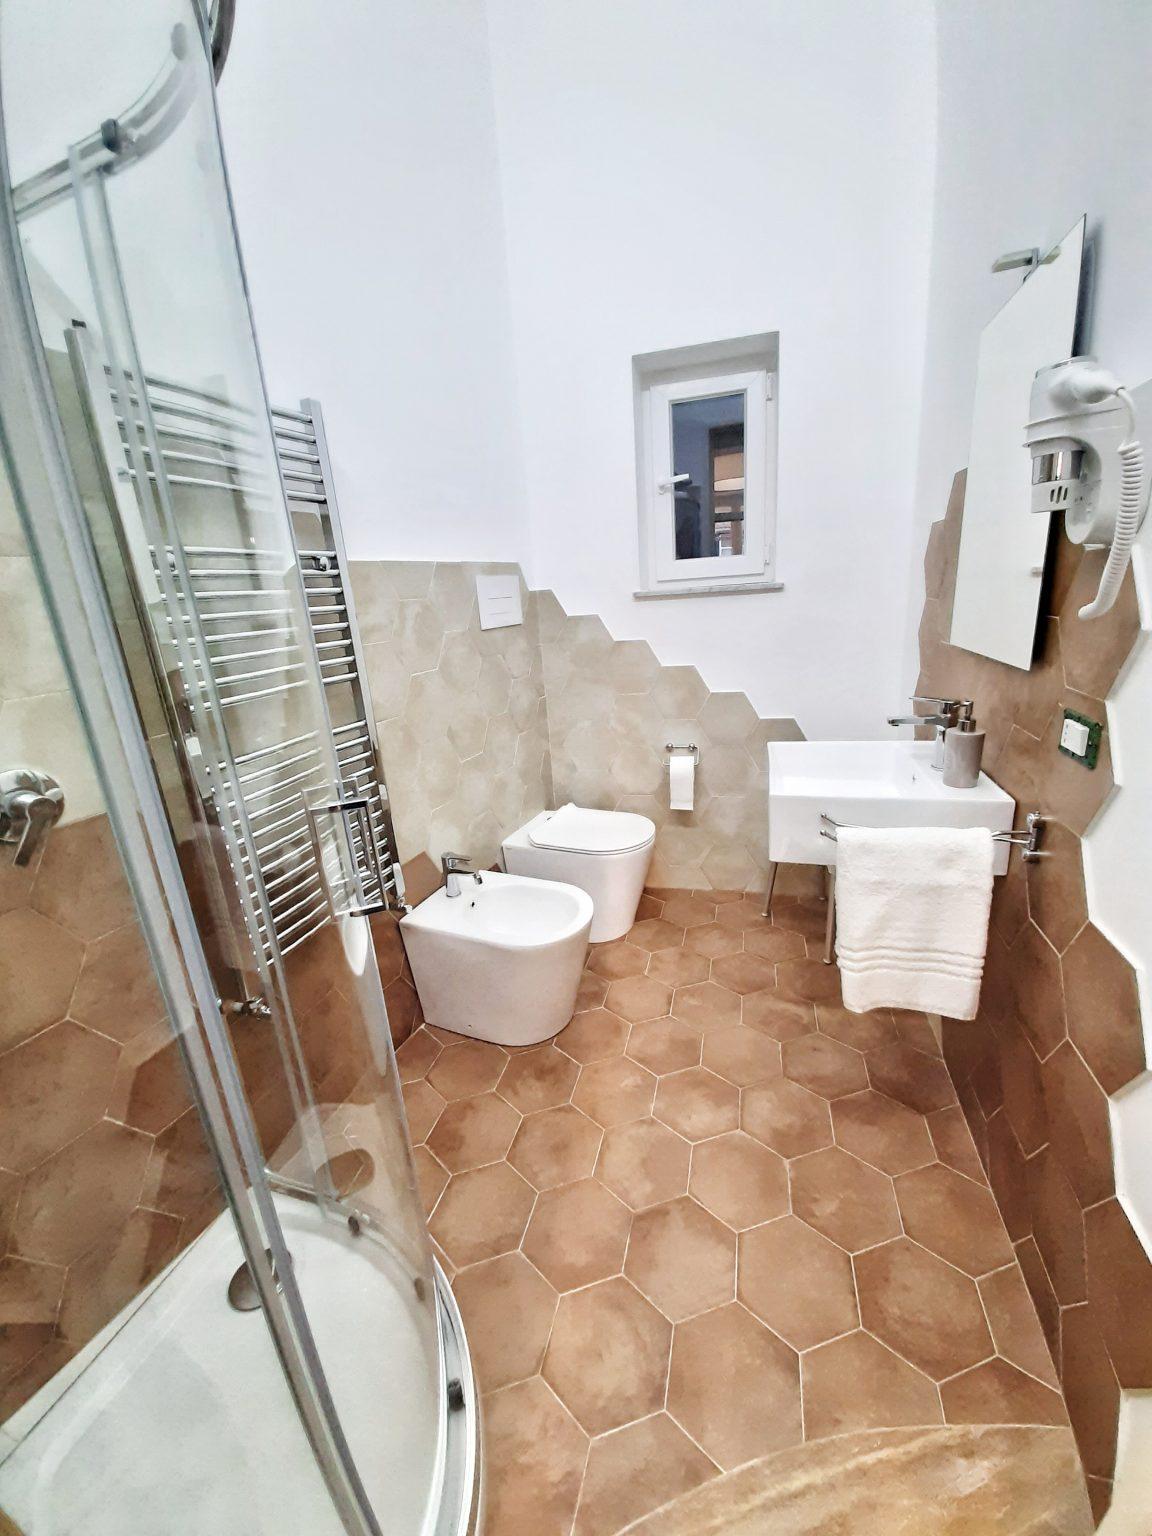 Vucciria room